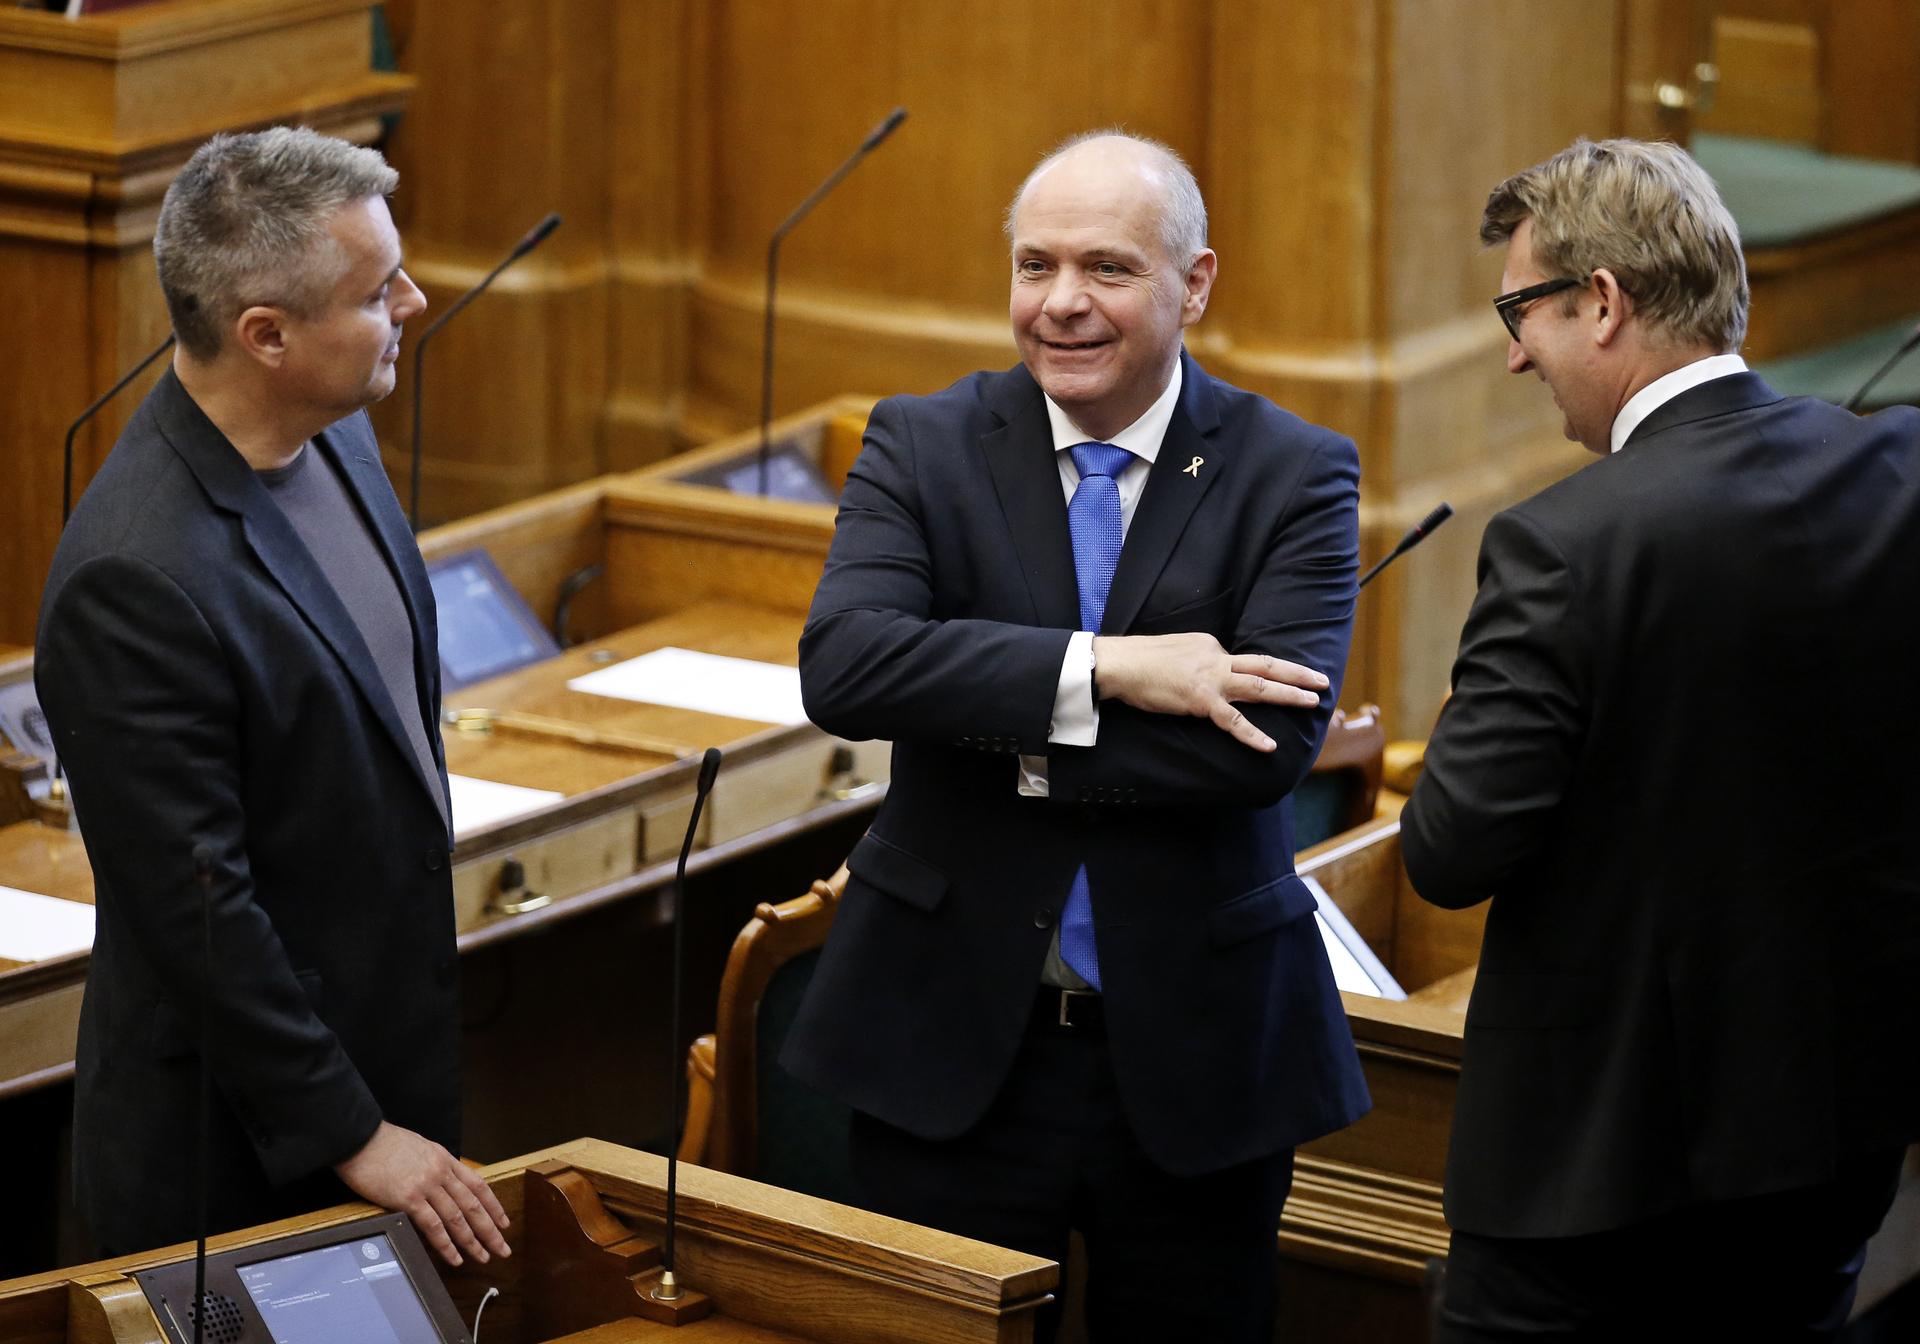 Peter Lauritsen: Politikerne kan ikke vinde over populisme med populisme